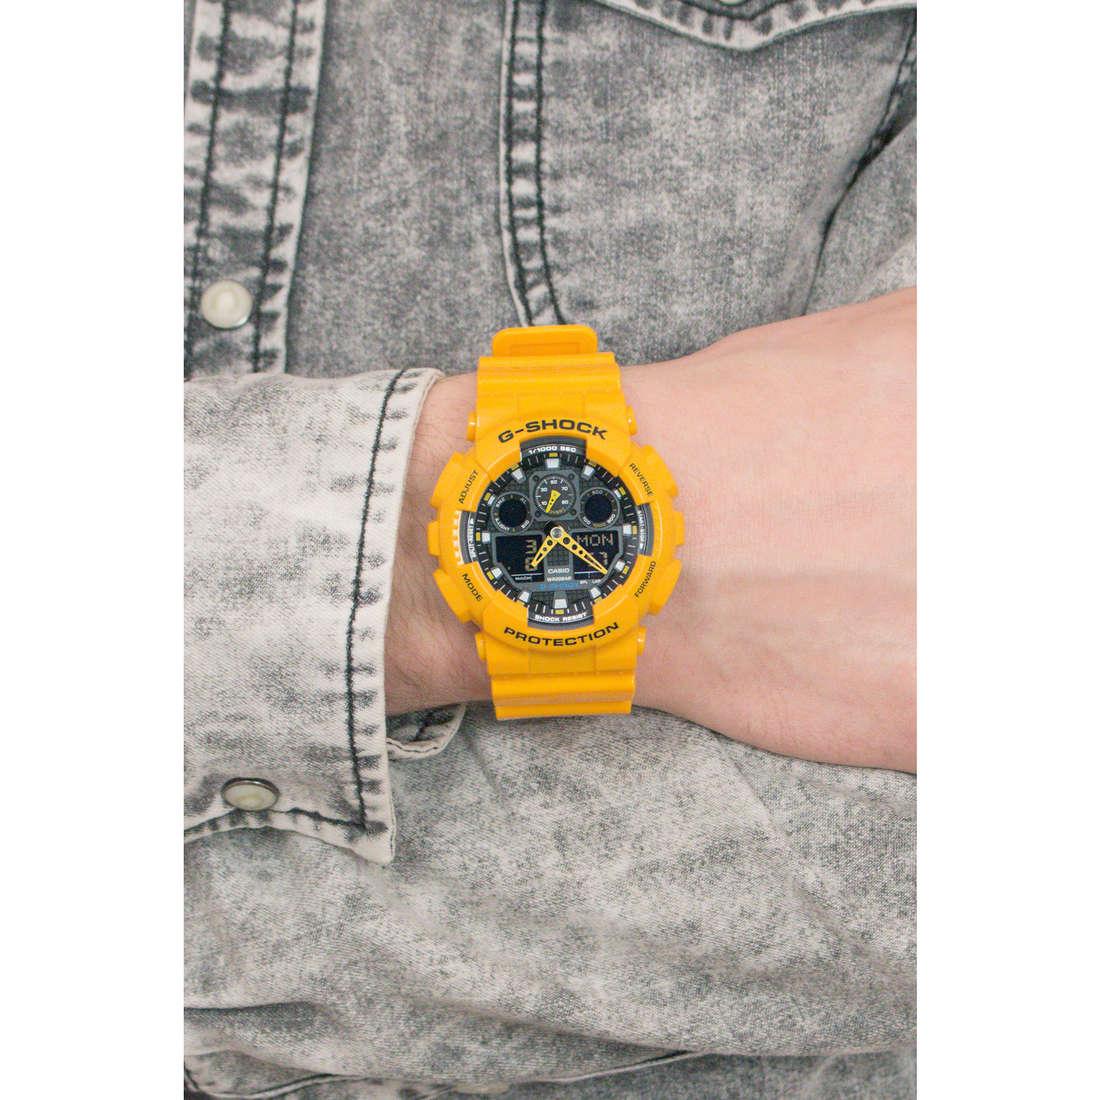 Casio digitali G-Shock uomo GA-100A-9AER indosso